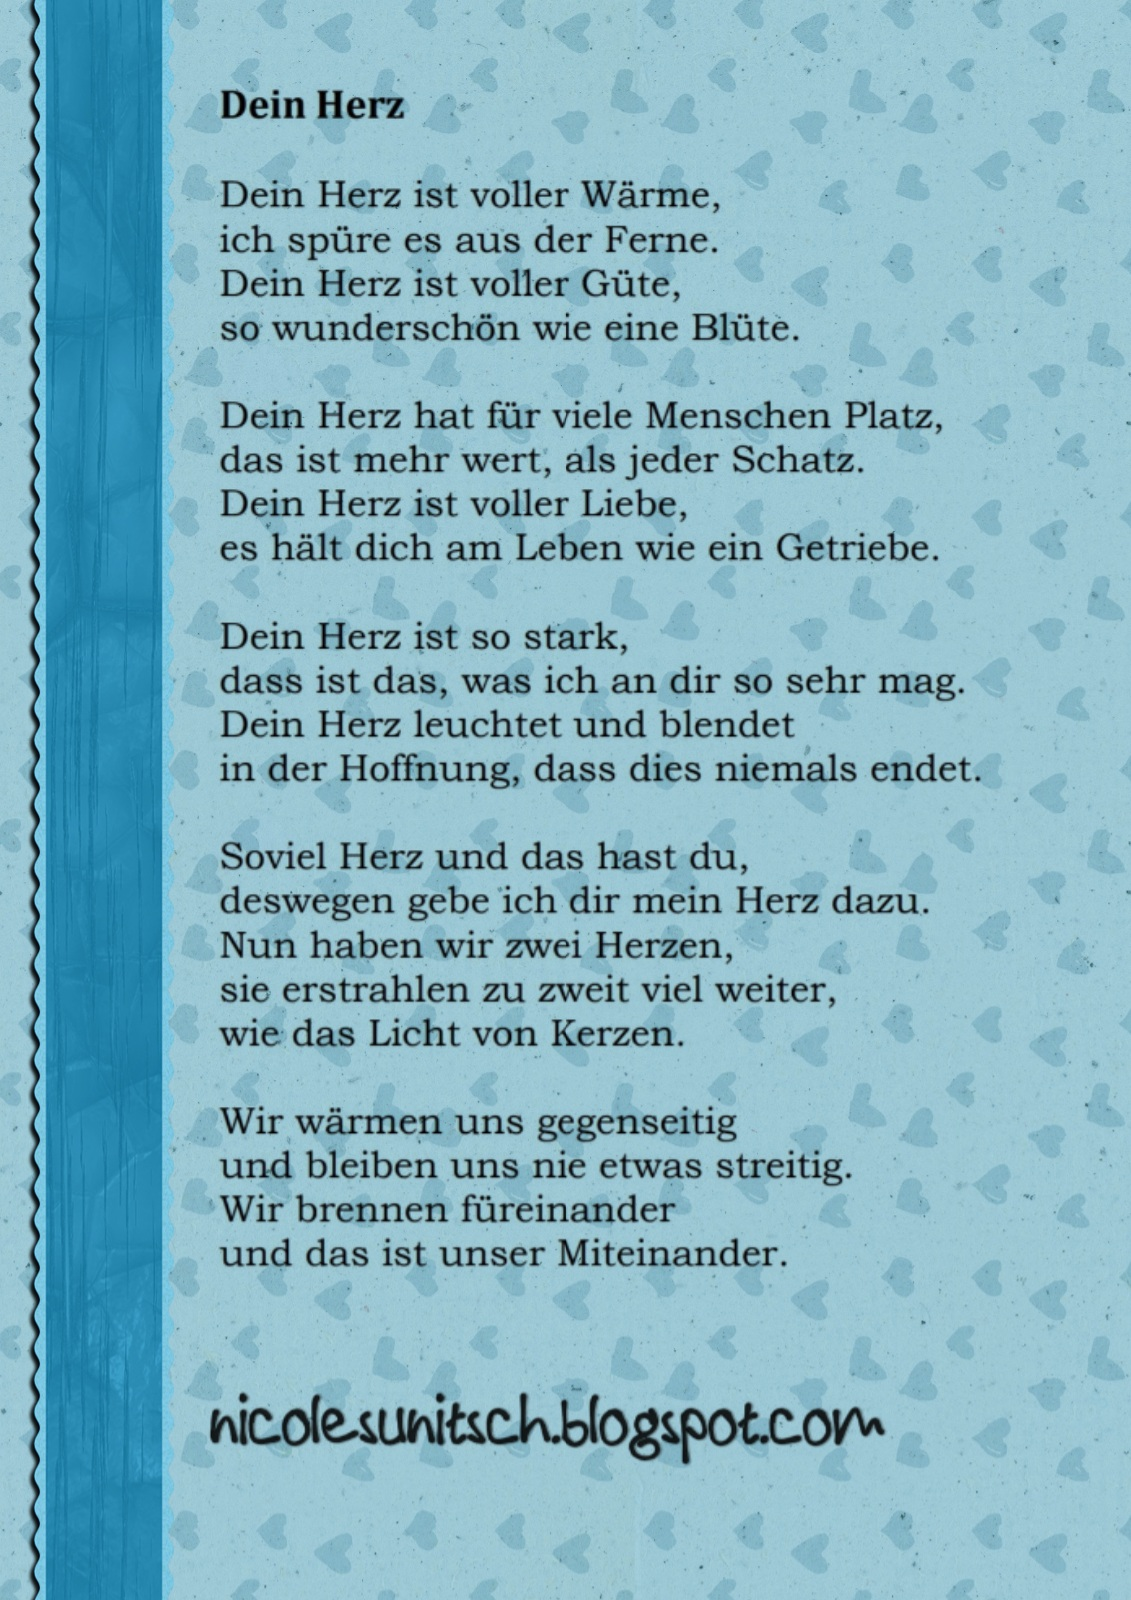 Gedichte Von Nicole Sunitsch Autorin Gedicht Dein Herz Aus